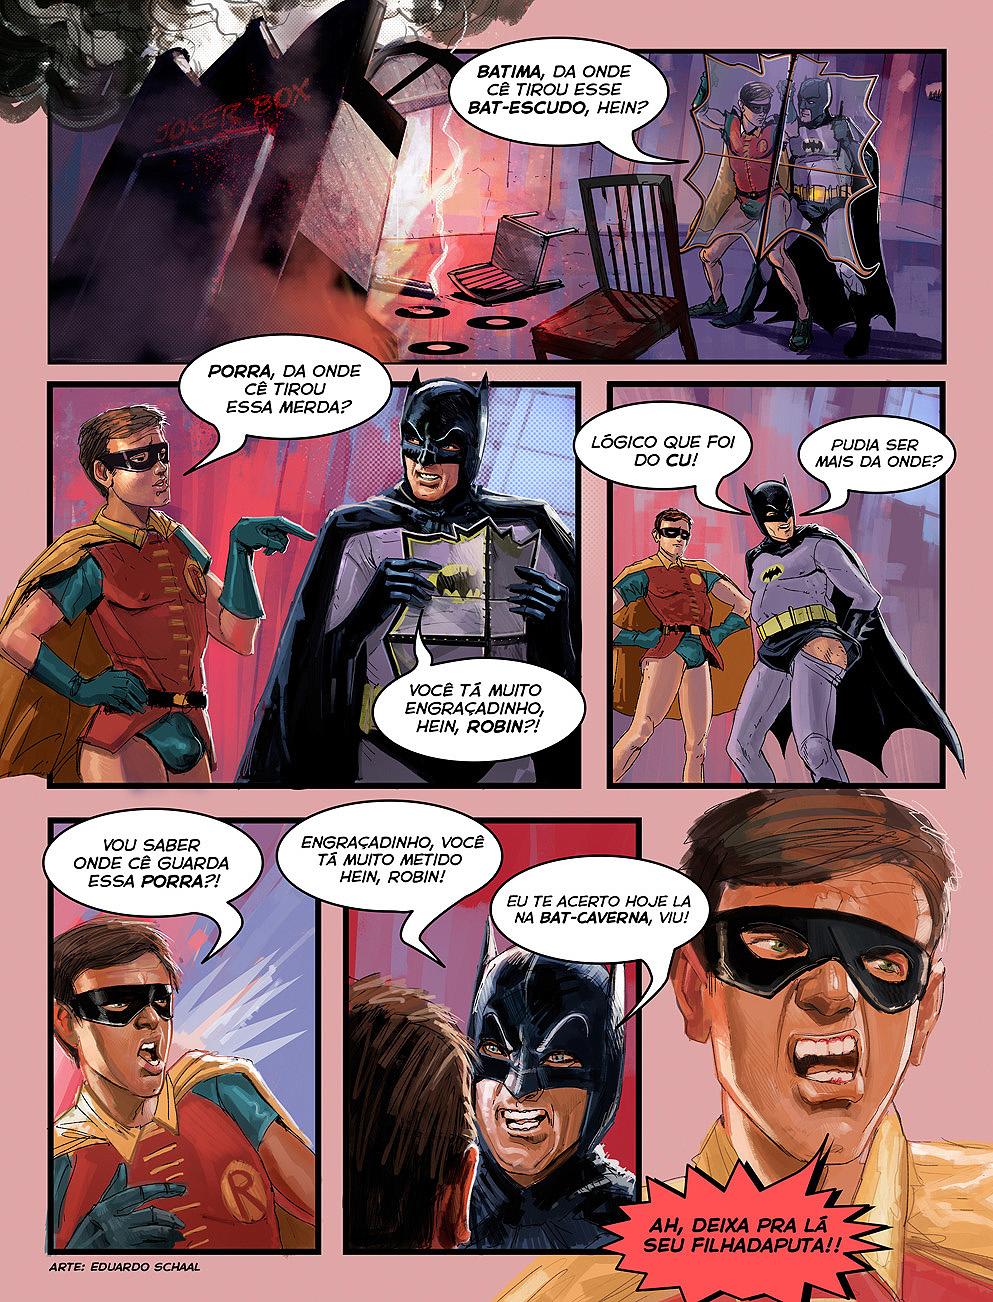 [Tópico Oficial] Batman na Feira da Fruta em Quadrinhos - Página 3 Feira+da+fruta+fruta+18